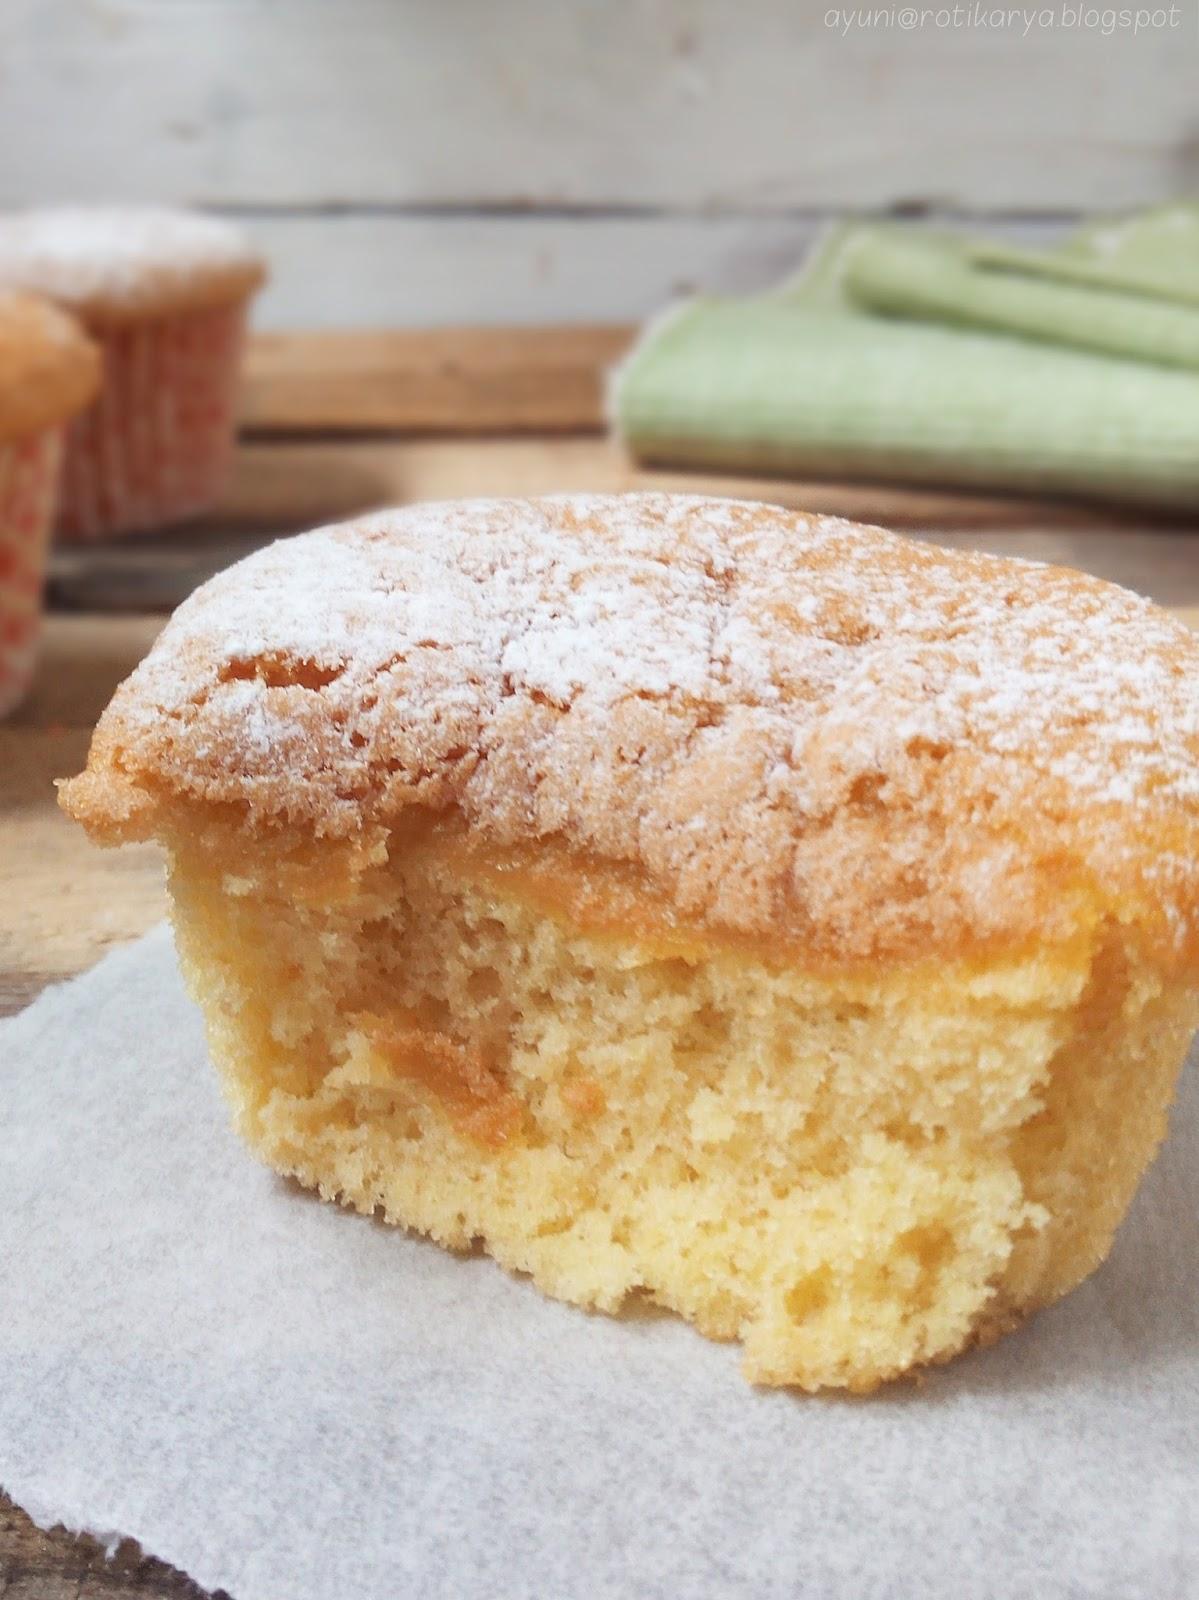 kek span  telur  resepi kek  hiasan  popular Resepi Kek Pandan Tepung Naik Sendiri Enak dan Mudah